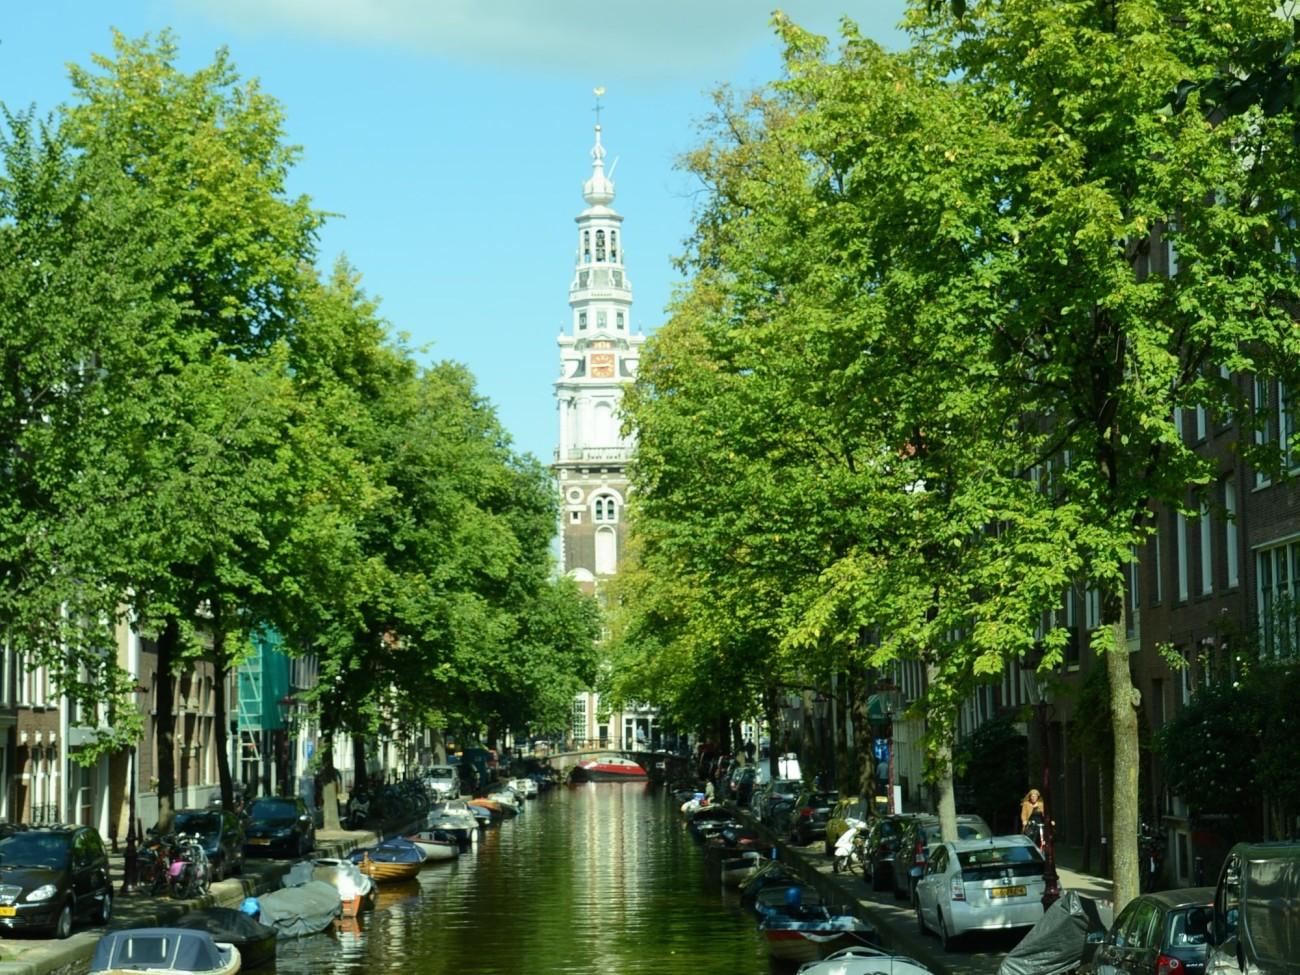 Lieblingsort #11: Die Zuiderkerk